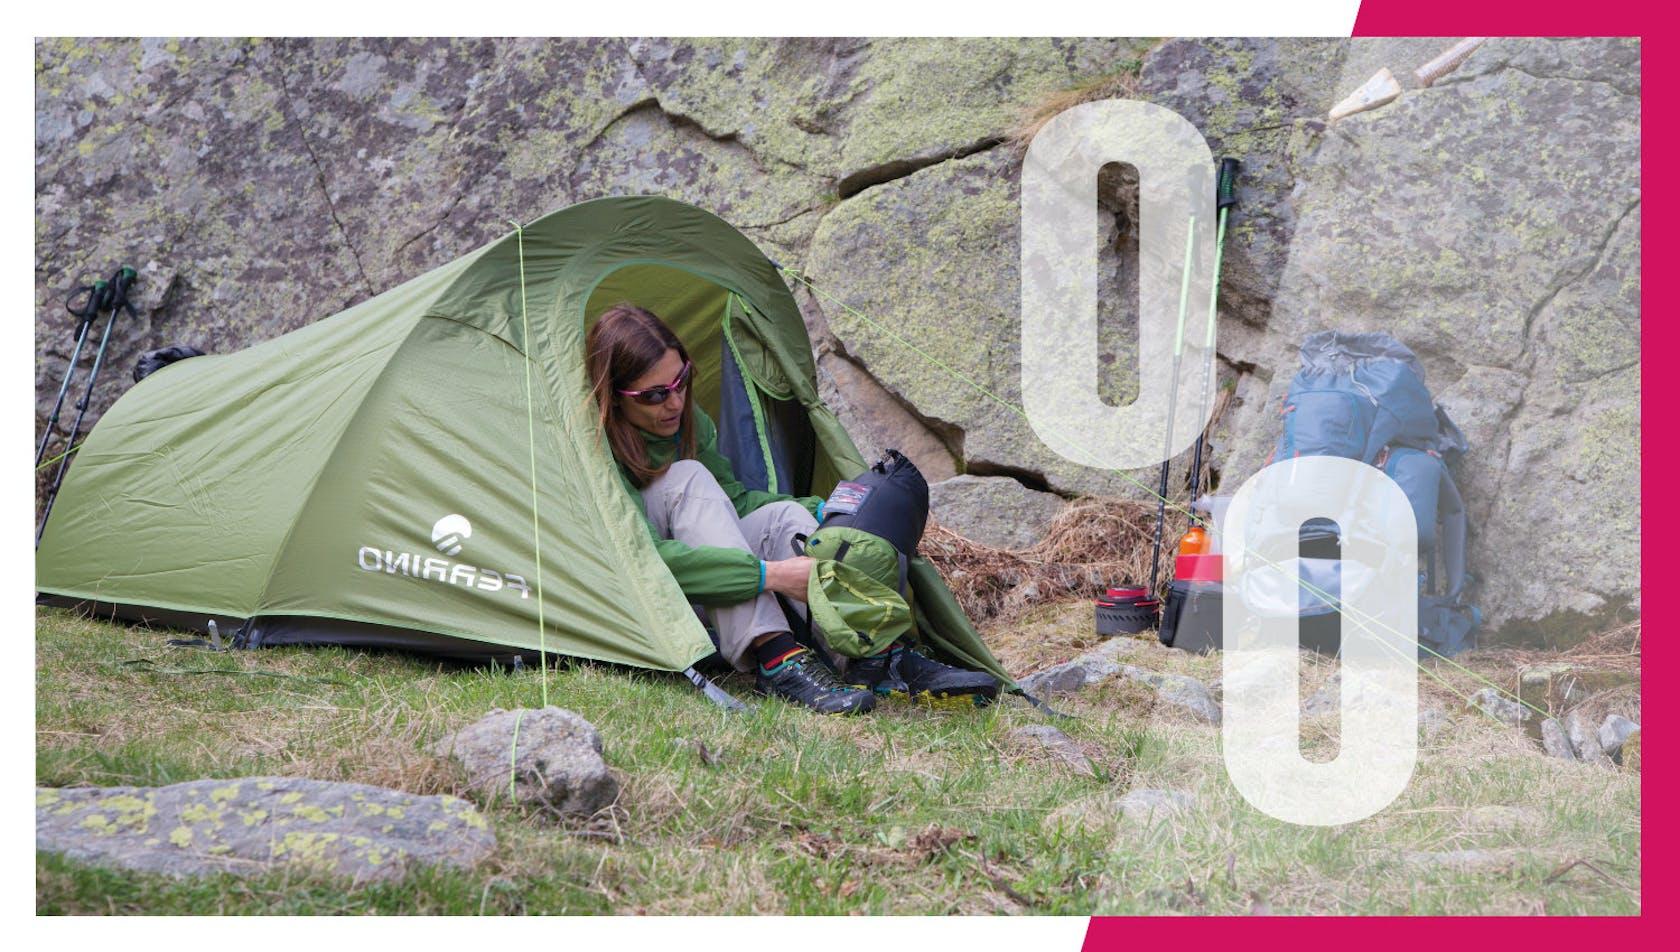 Ragazza dentro tenda da campeggio